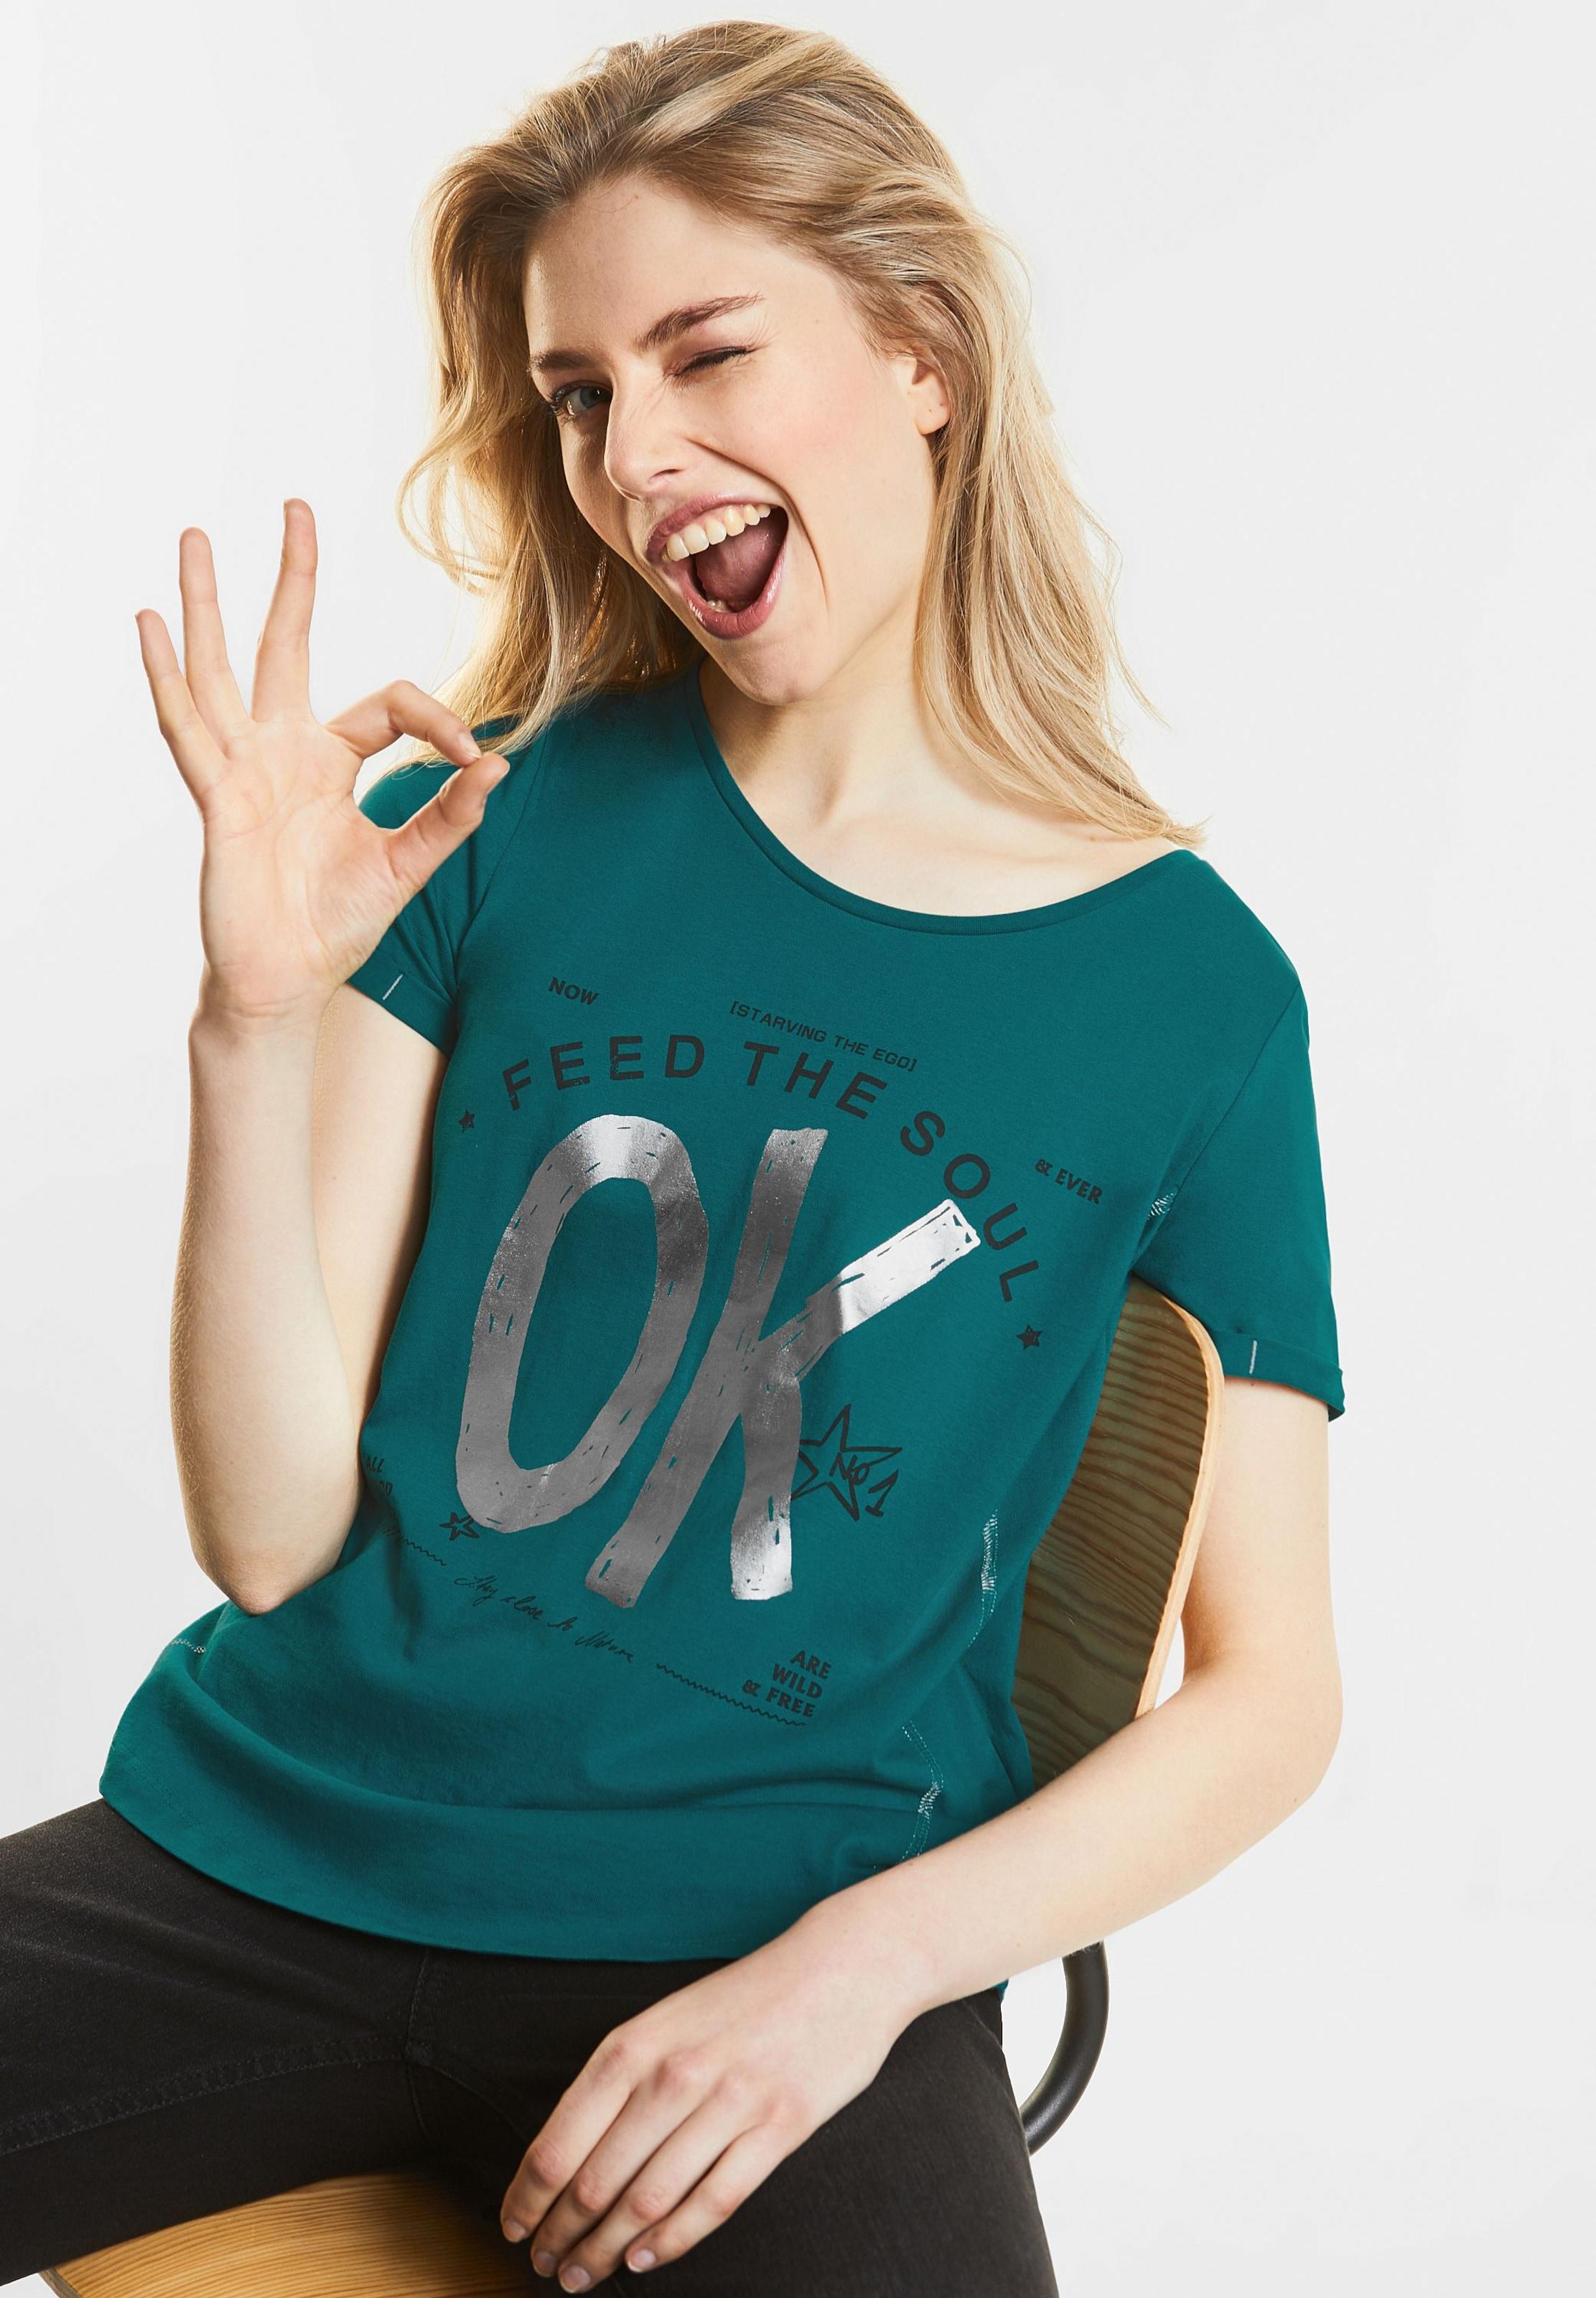 STREET ONE Folien Print Shirt Spielraum Besuch Spielraum Größte Lieferant Verkauf Echten Rabatt Zahlung Mit Visa OqPerkW1ov